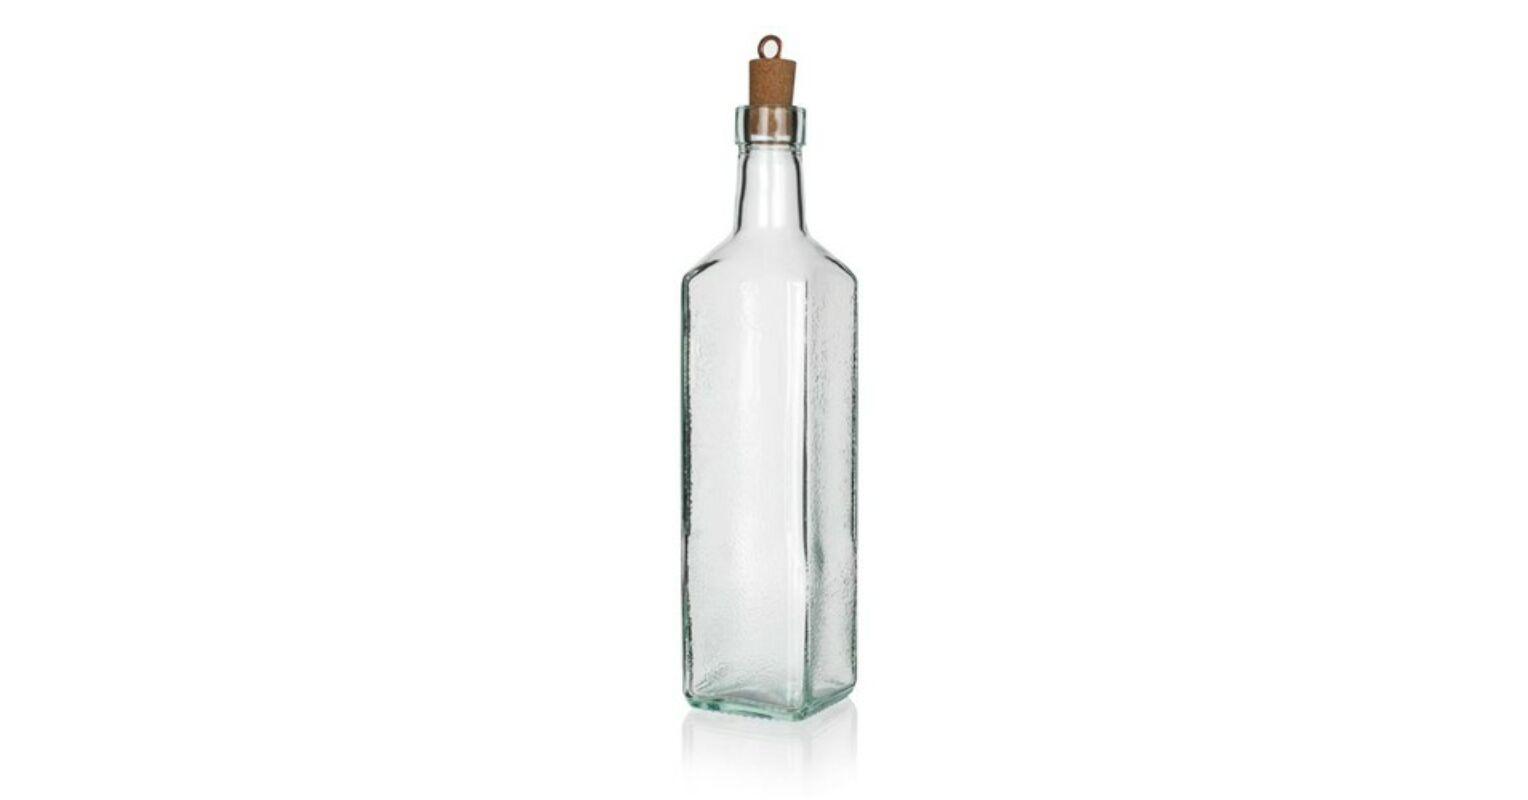 Üveg palack tisztítása